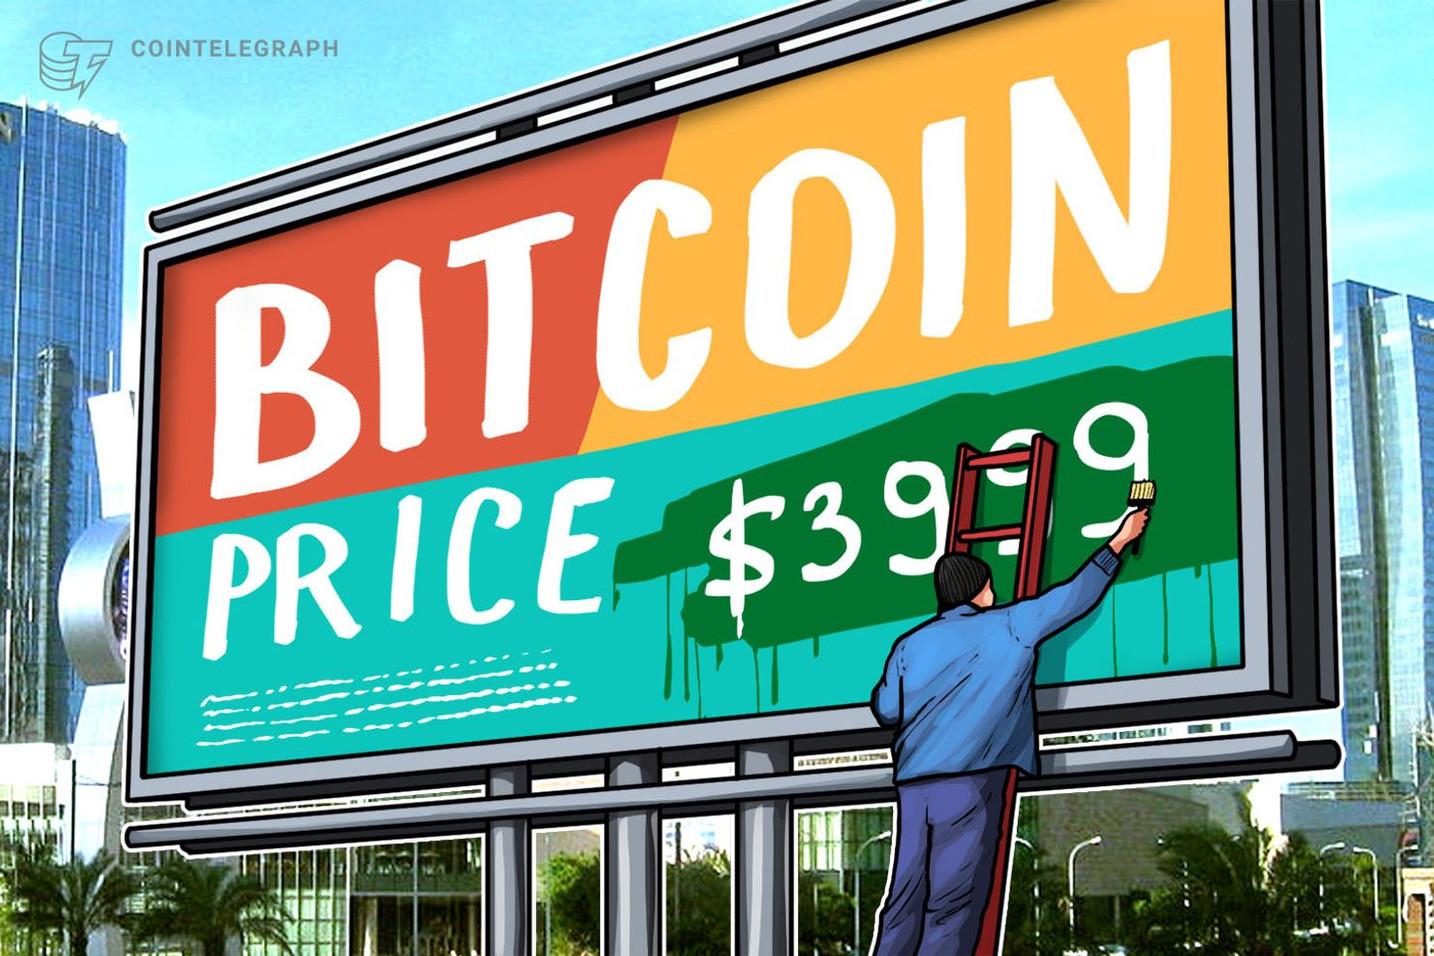 ビットコイン一時4000ドル回復 |仮想通貨相場の上昇要因 JPMコイン説に批判殺到